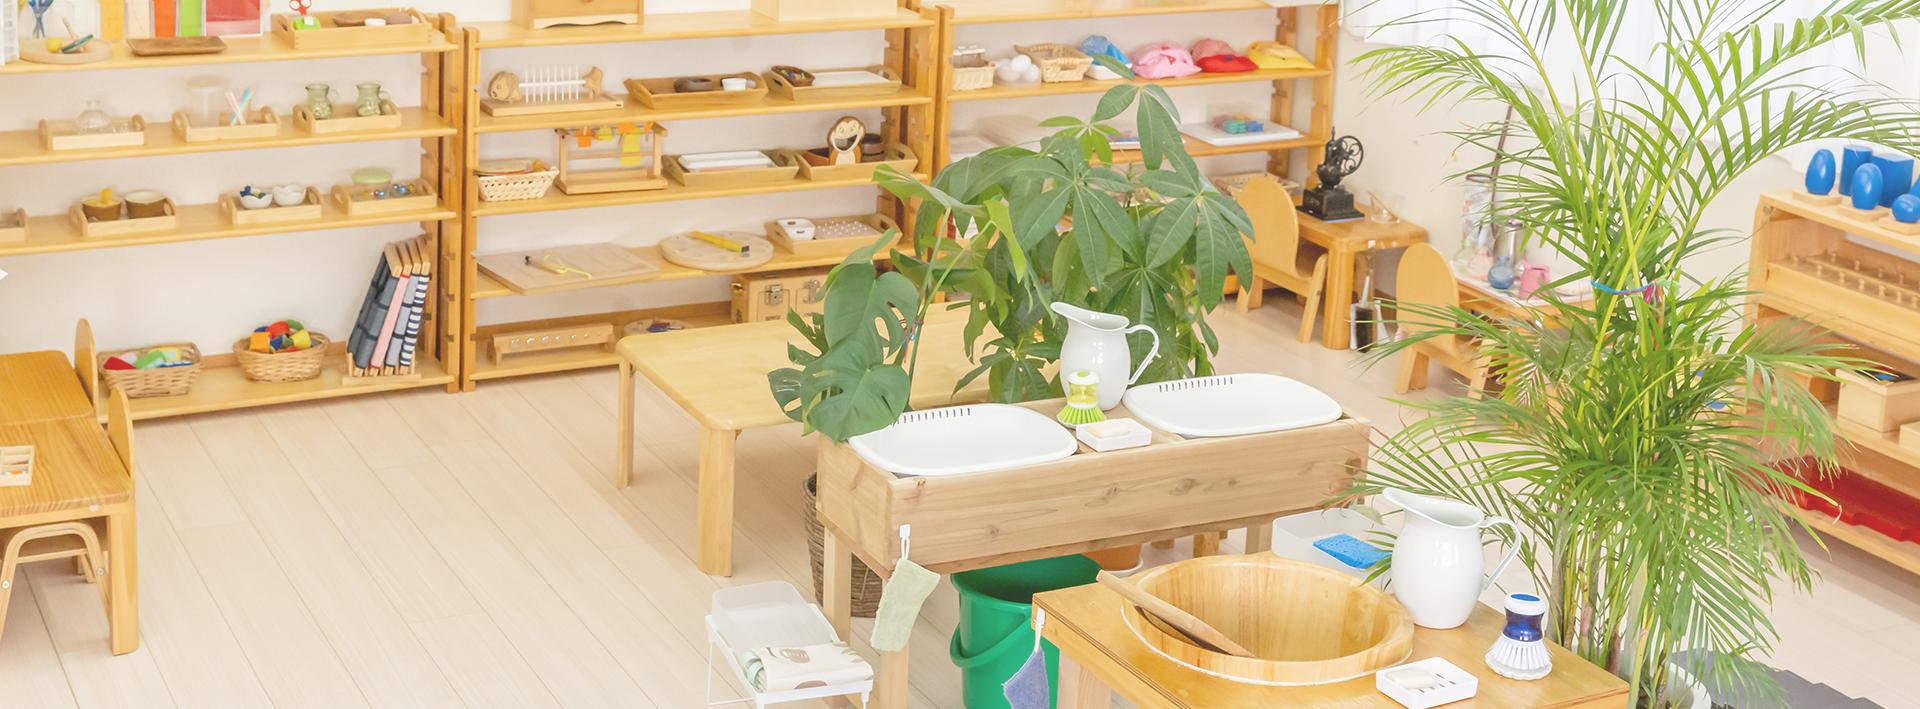 横浜モンテッソーリ、こどものいえ、お教室の様子